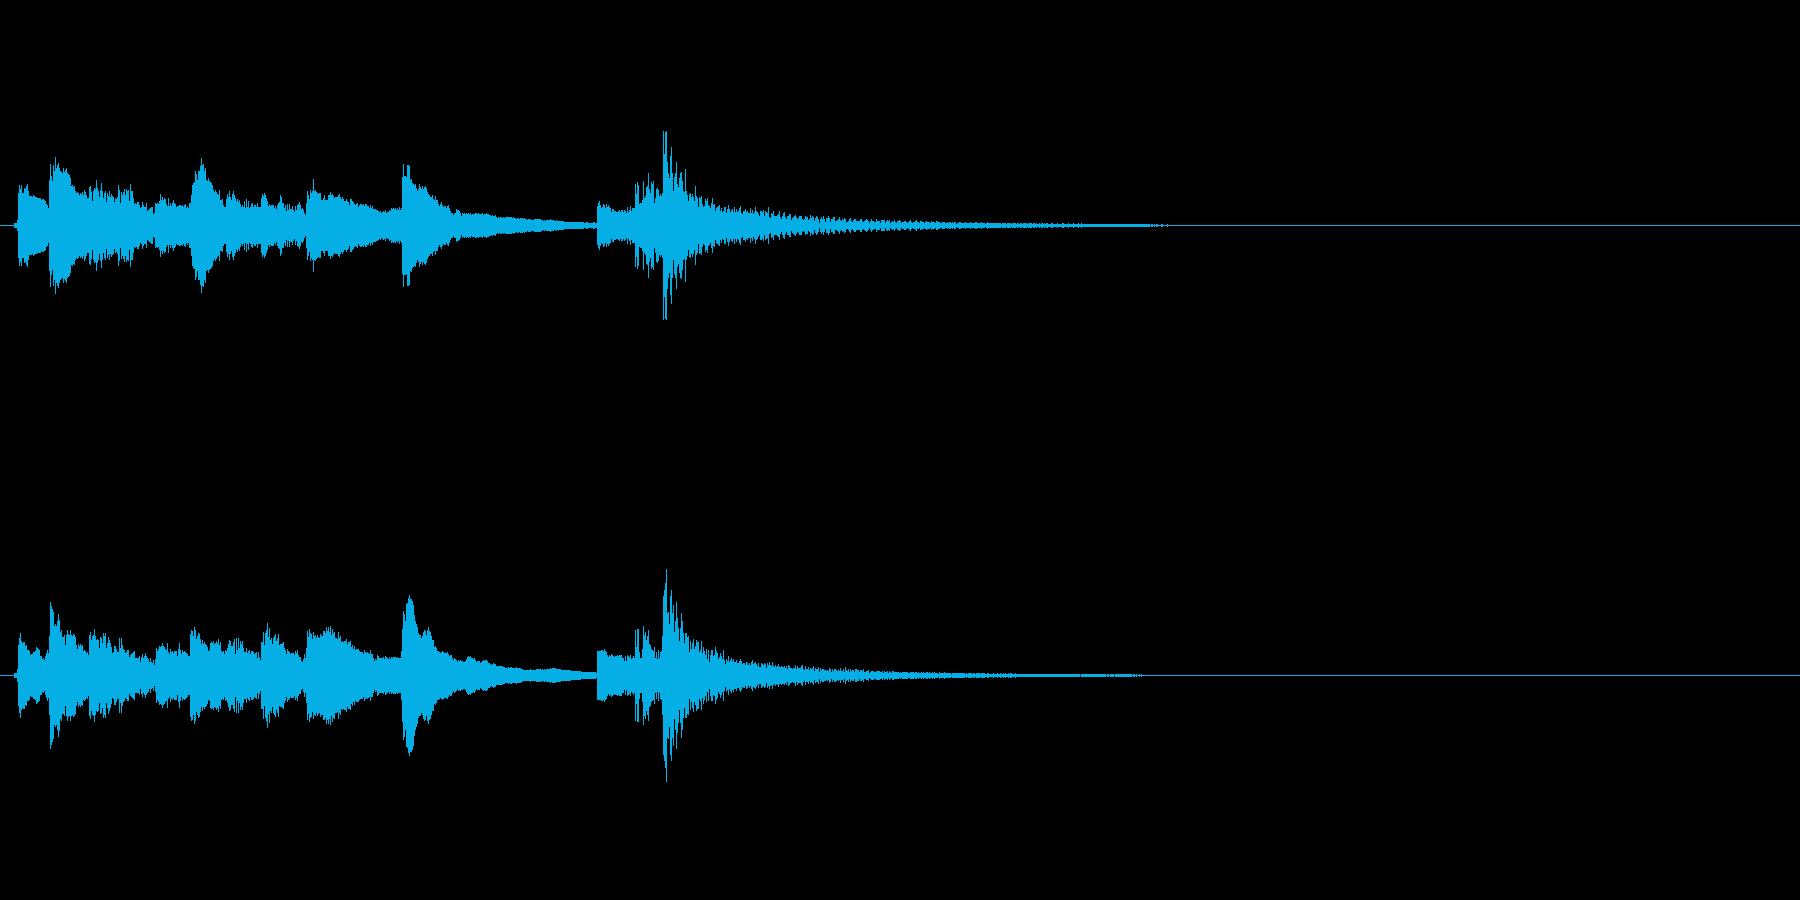 和風 ジングル サウンドロゴ 琴 太鼓の再生済みの波形